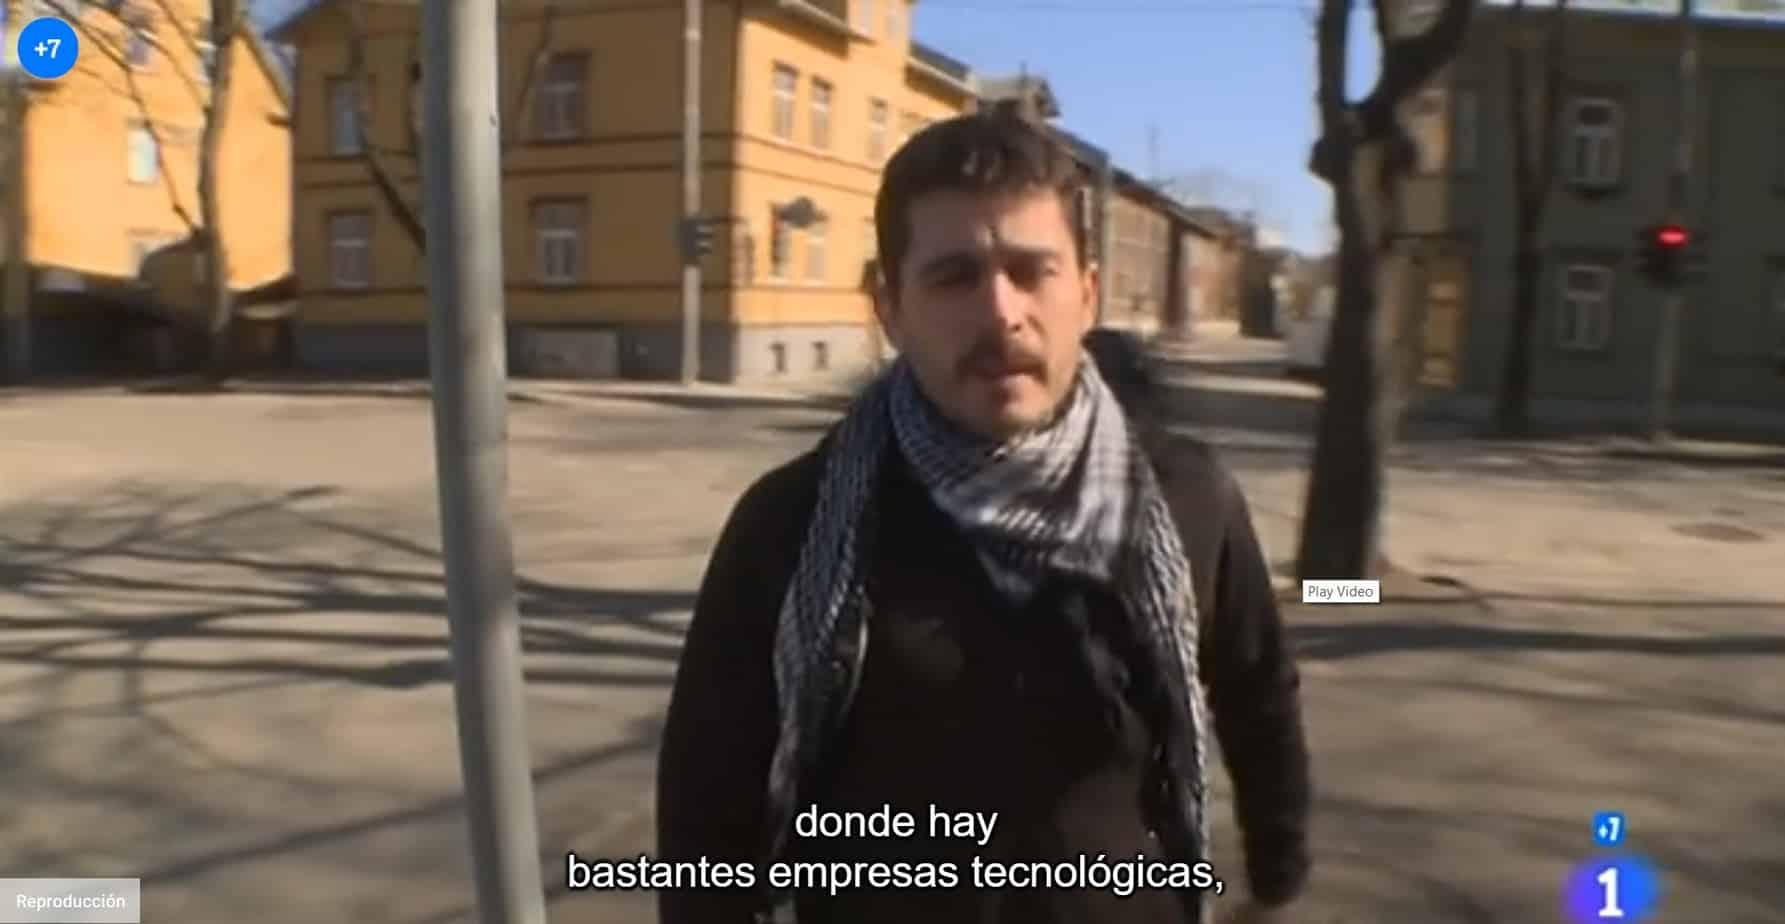 He aparecido en Españoles en el Mundo: Estonia